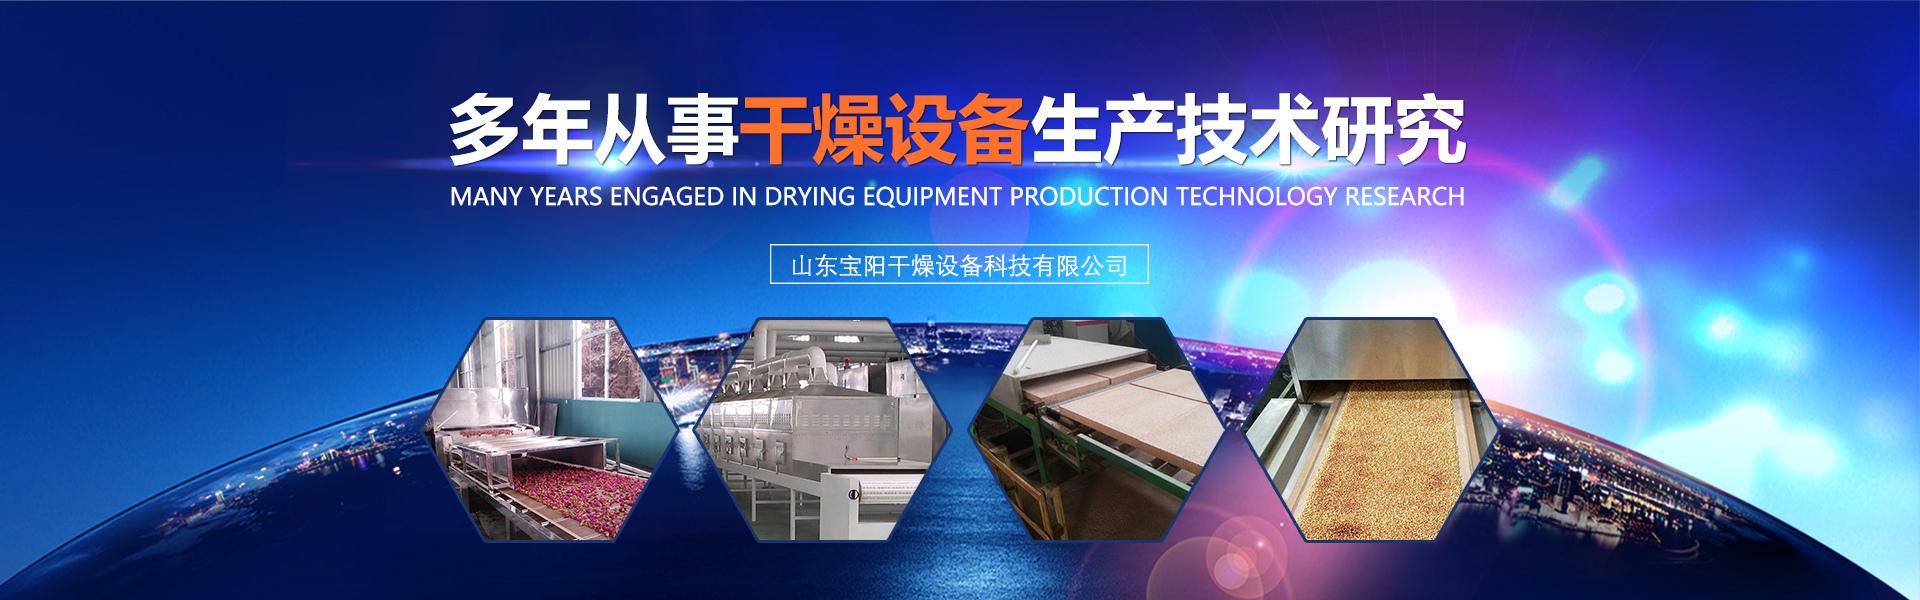 山东宝阳干燥设备科技有限公司介绍